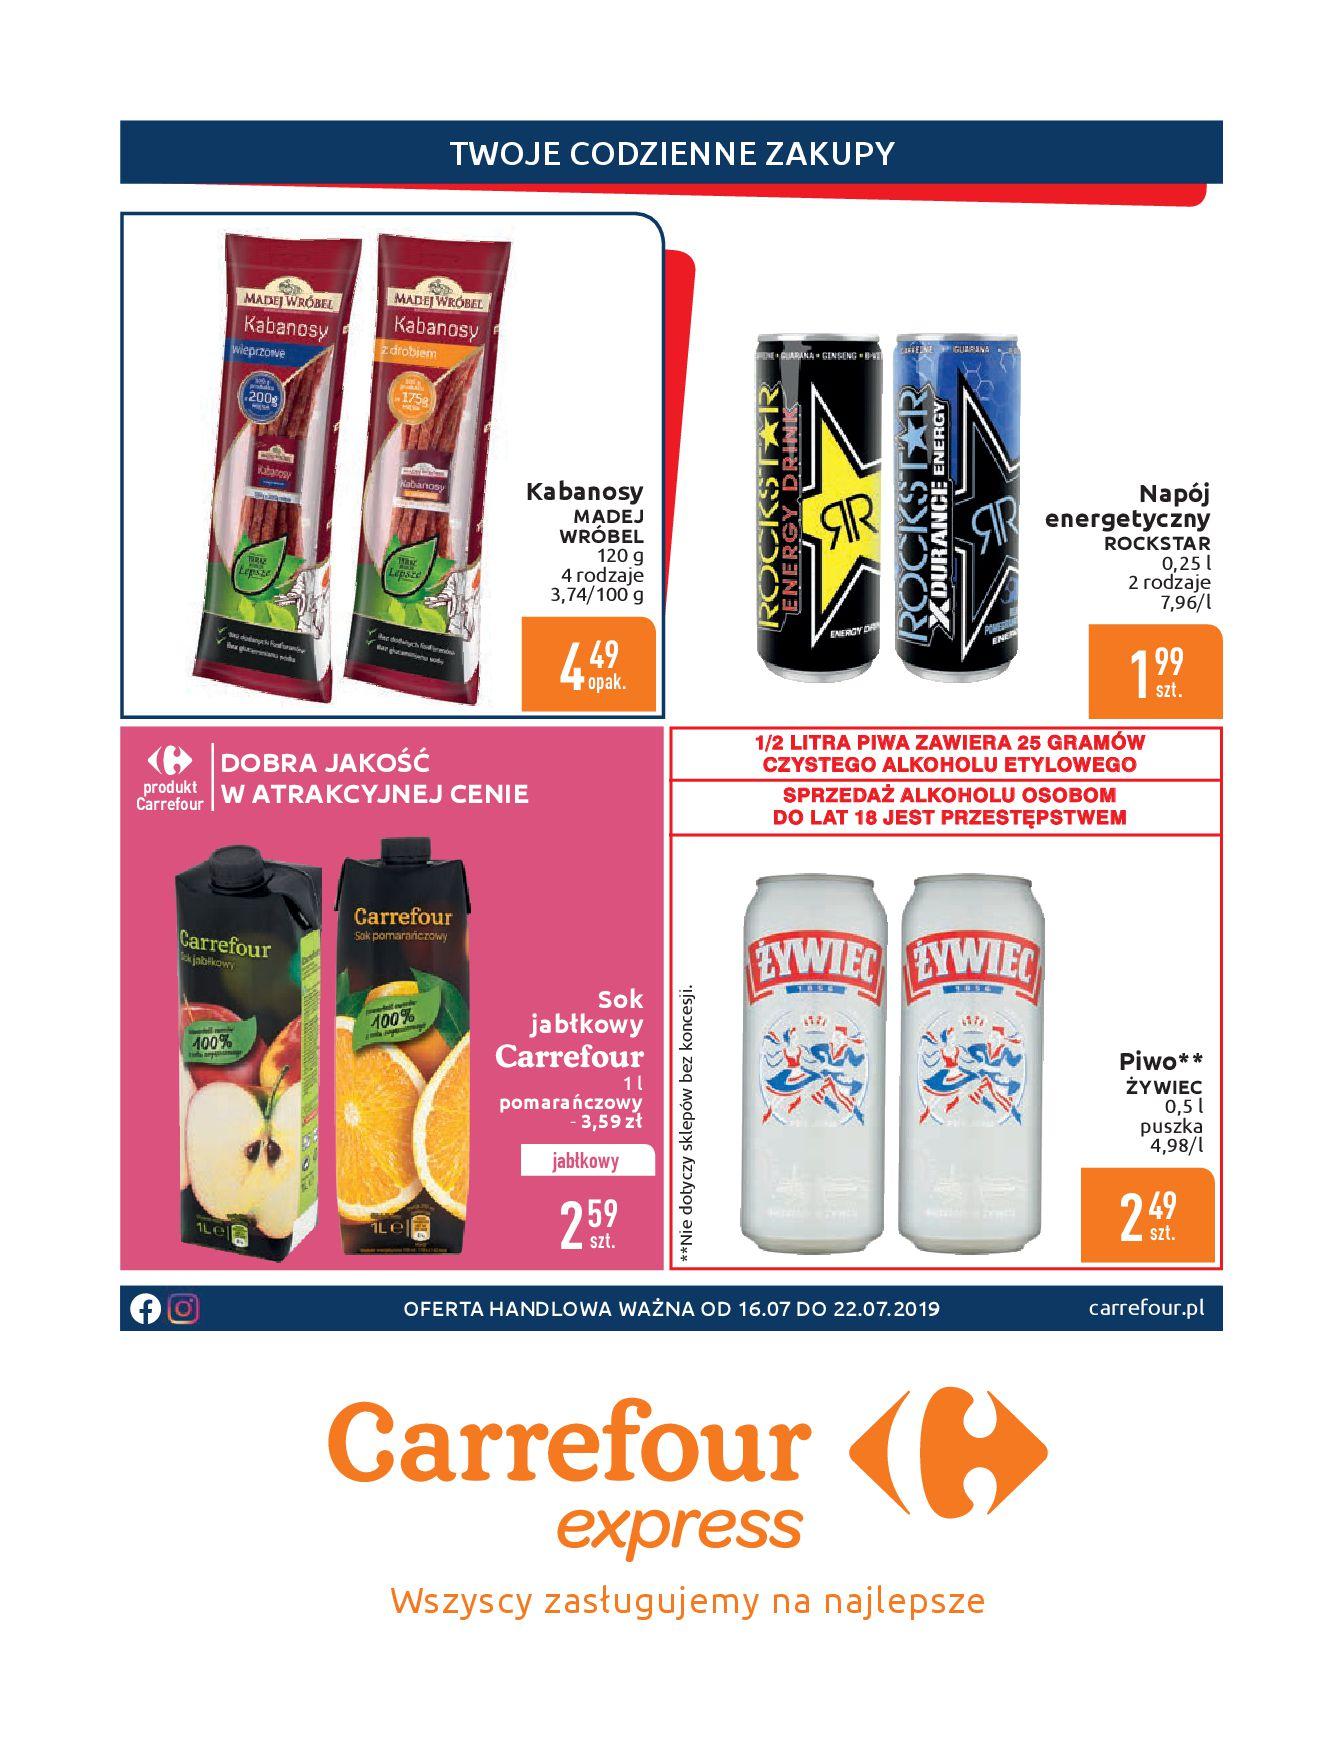 Gazetka Carrefour Express - Gdy zakupy rosną, to ceny maleją ekspresowo-15.07.2019-22.07.2019-page-